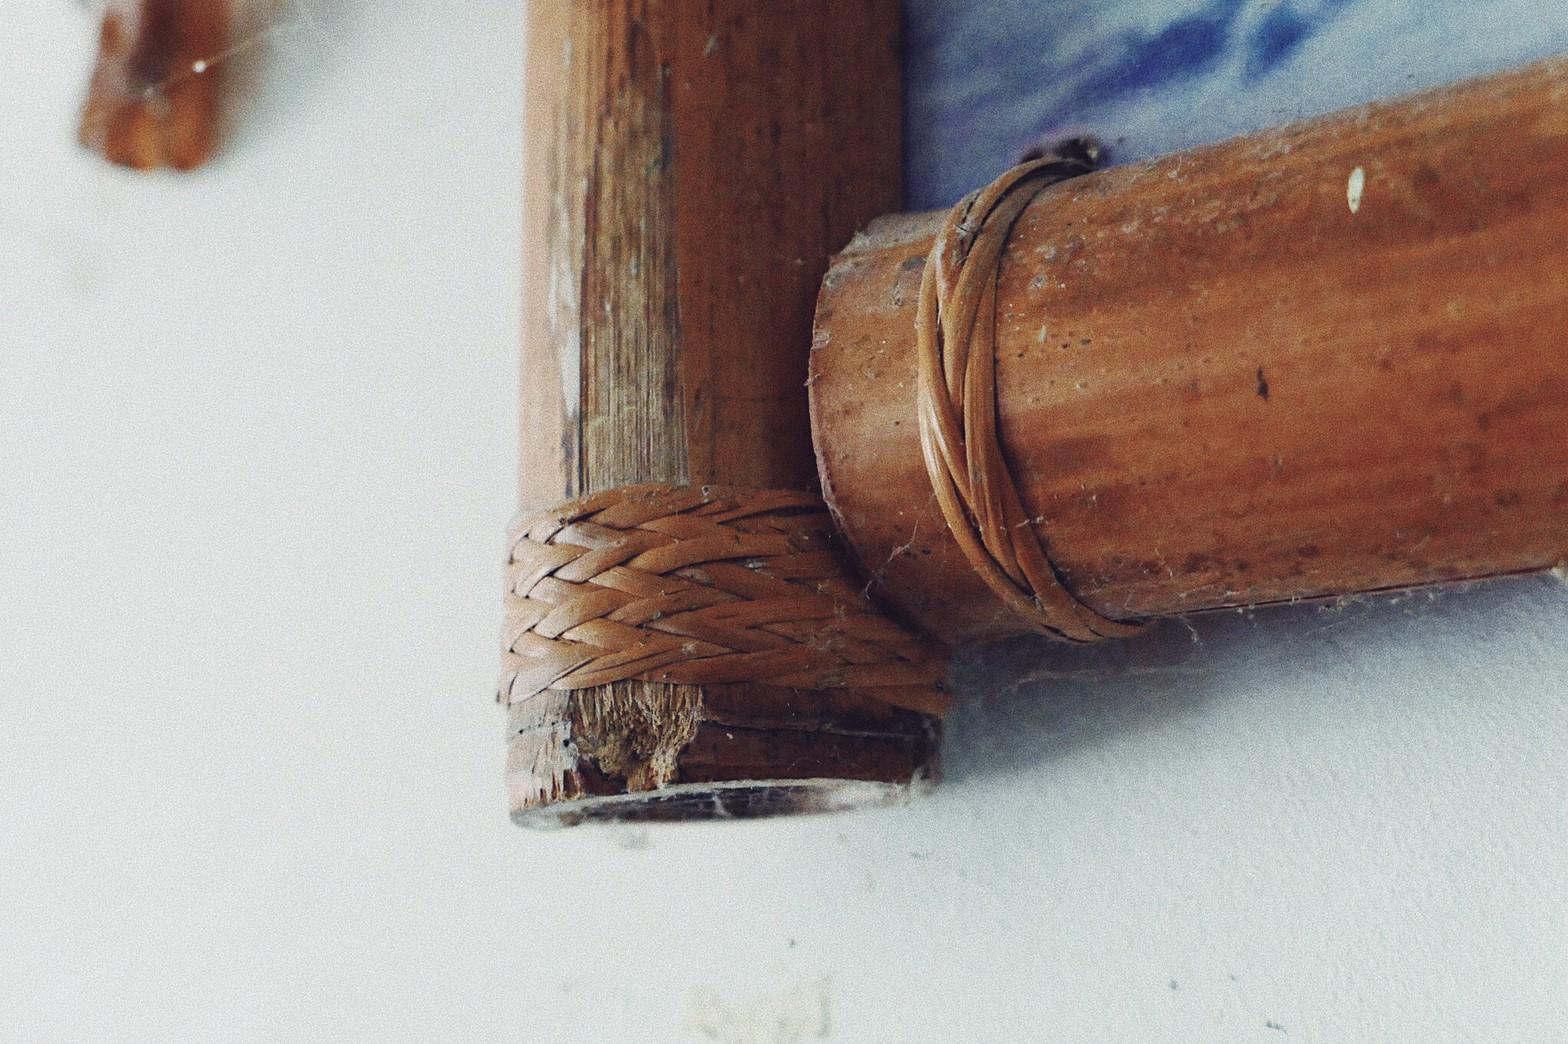 相框細節,利用藤環裝飾竹子。